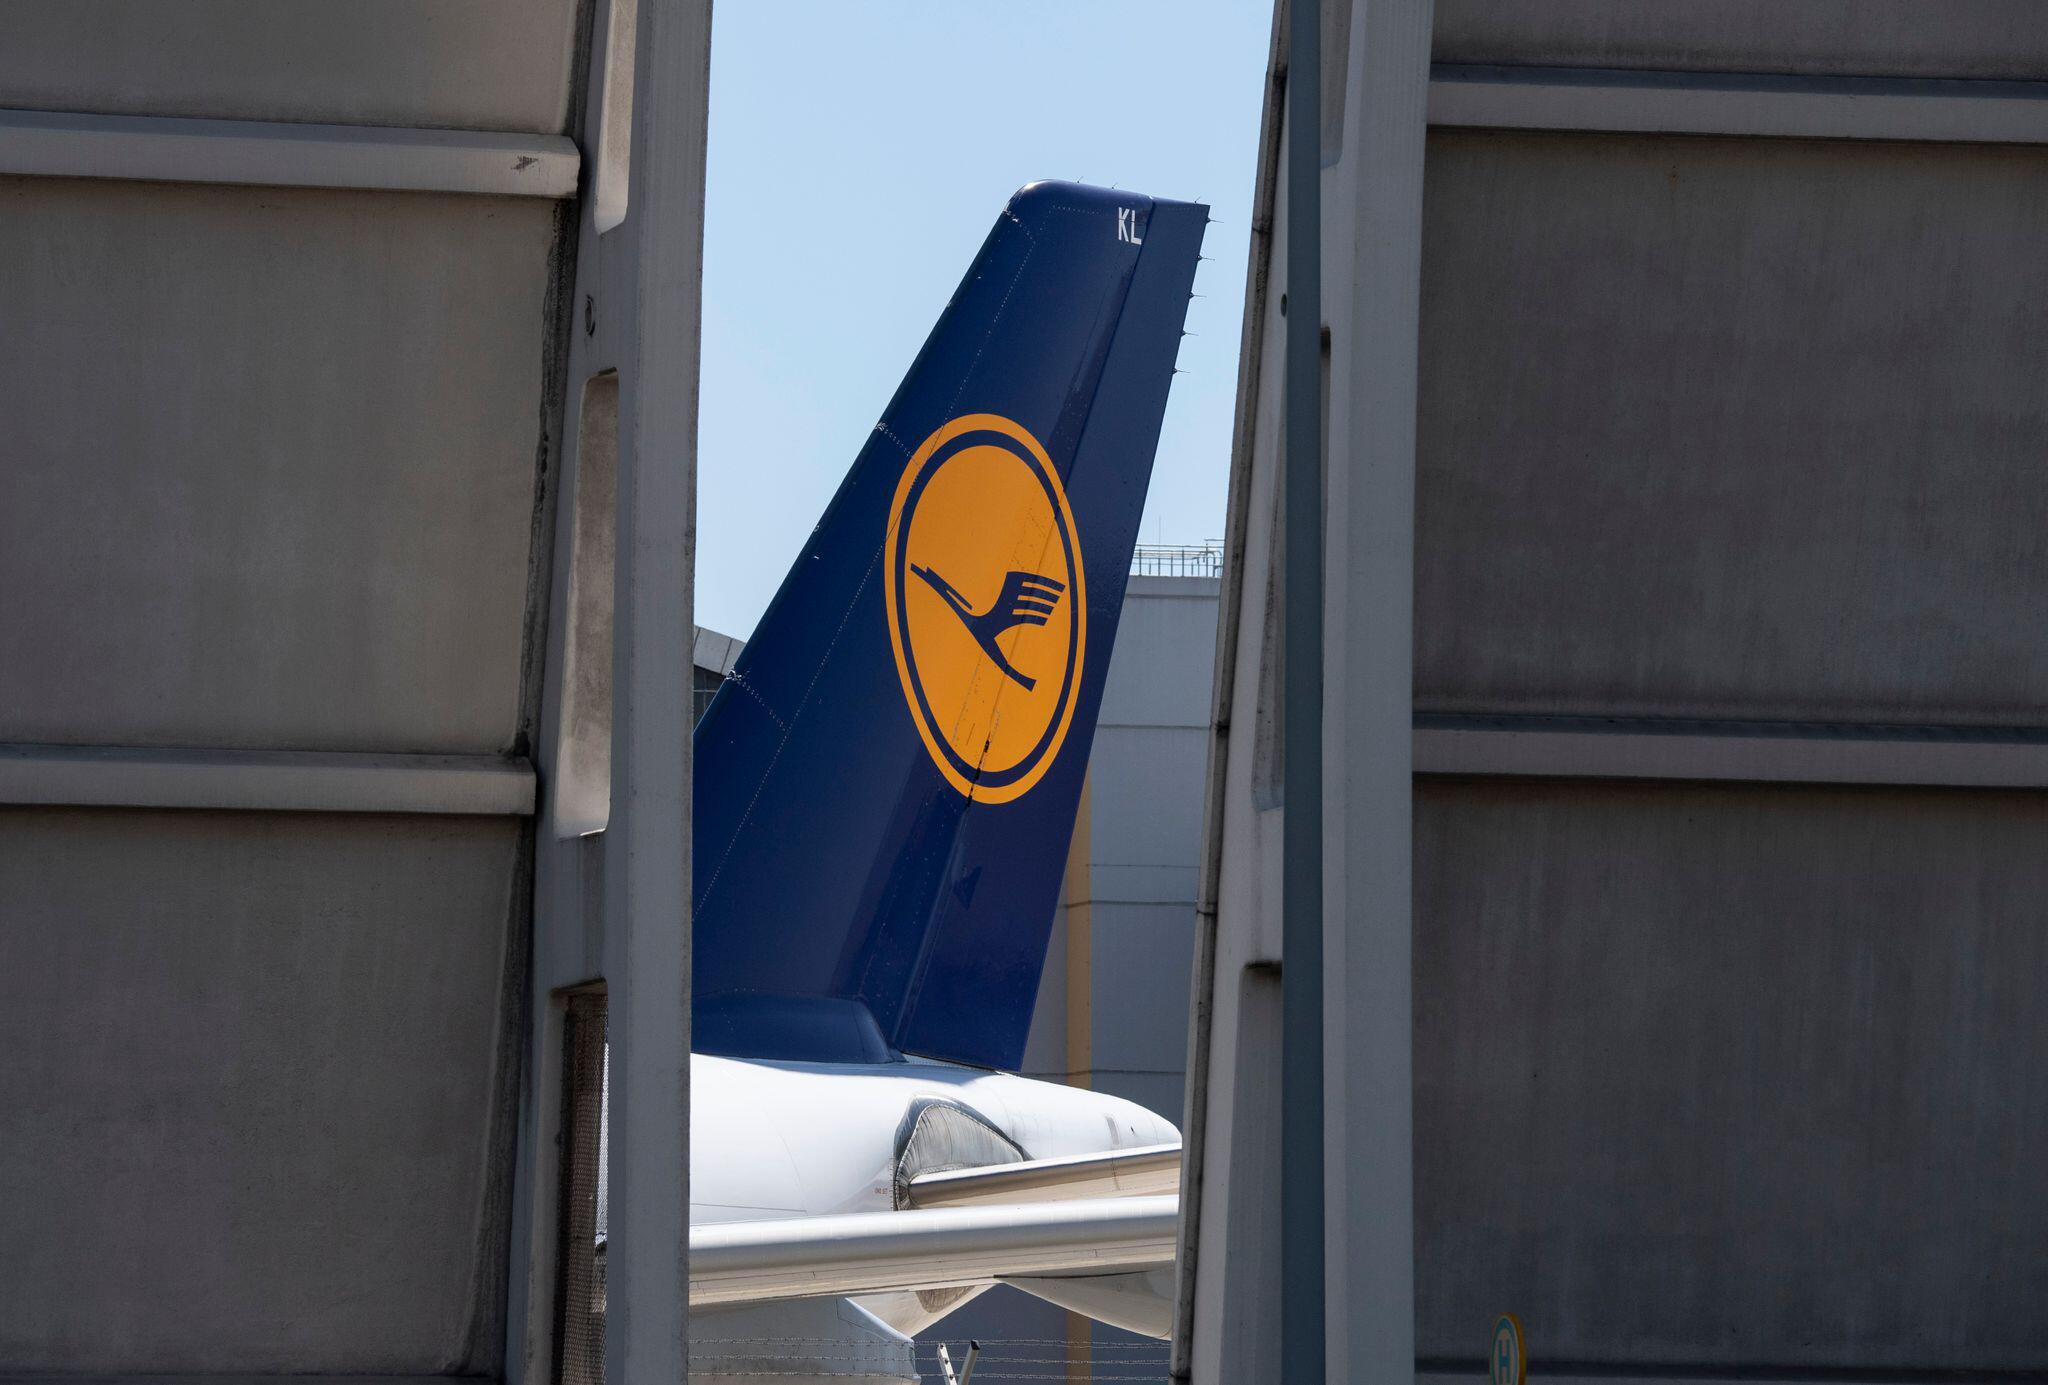 Lufthansa: Corona-Krise sorgt für Milliardenverlust